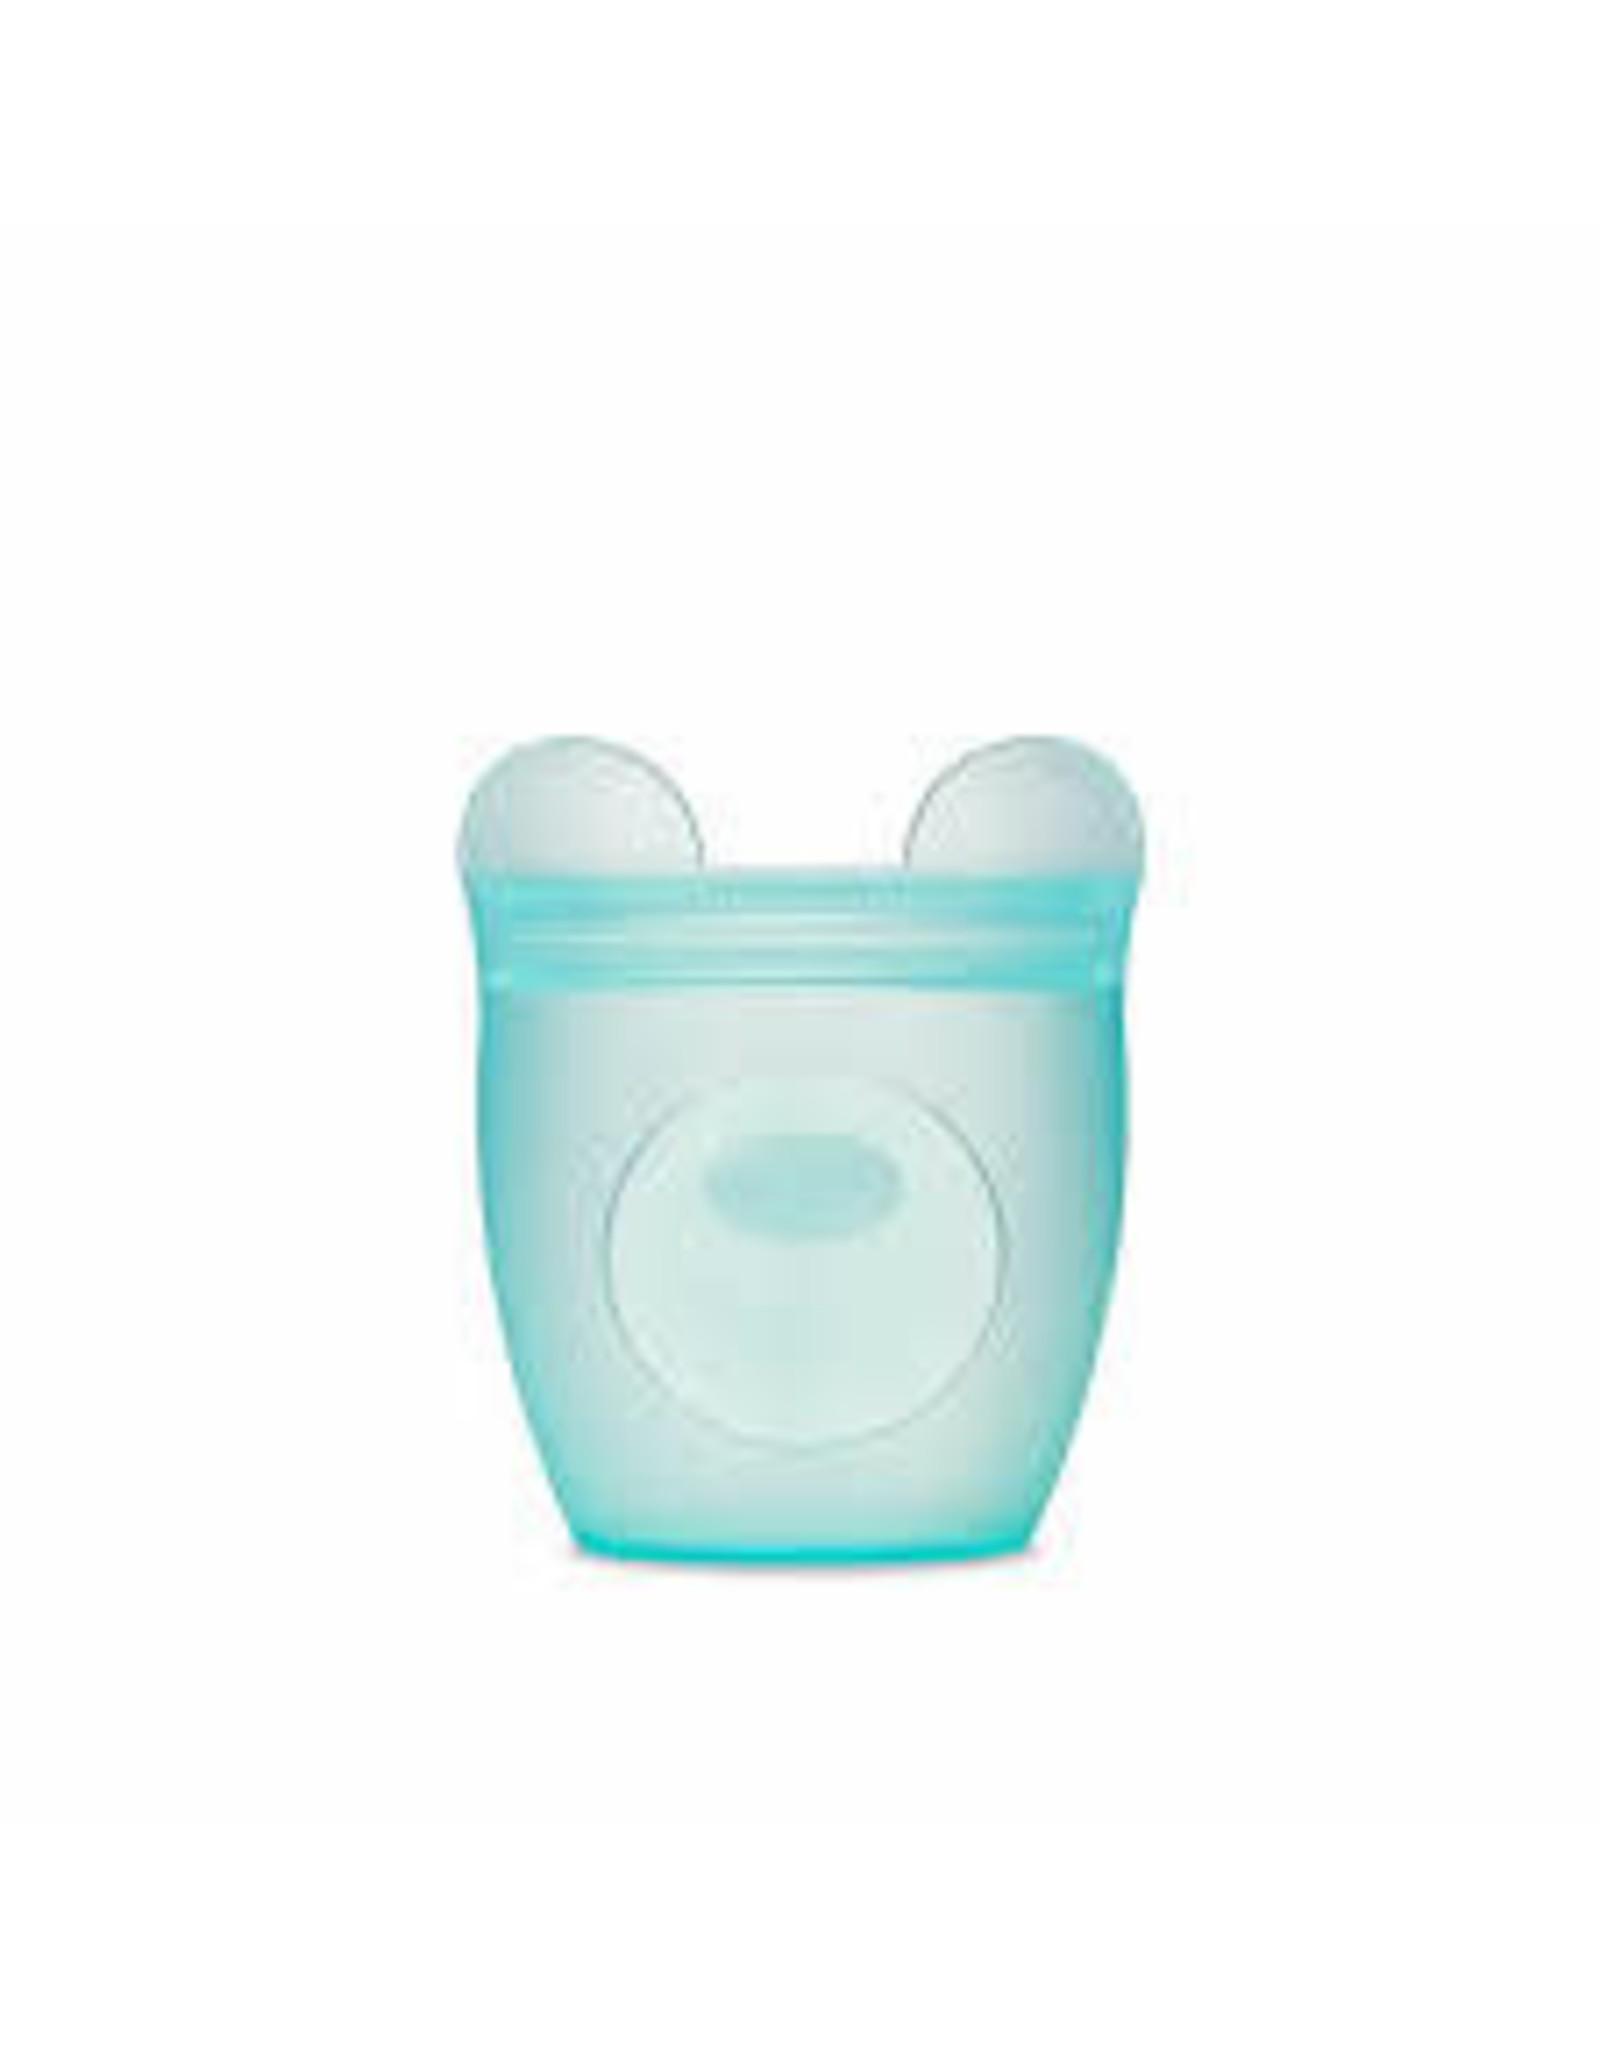 Ziptop Zip Top - Baby Snack Container - Bear - Teal